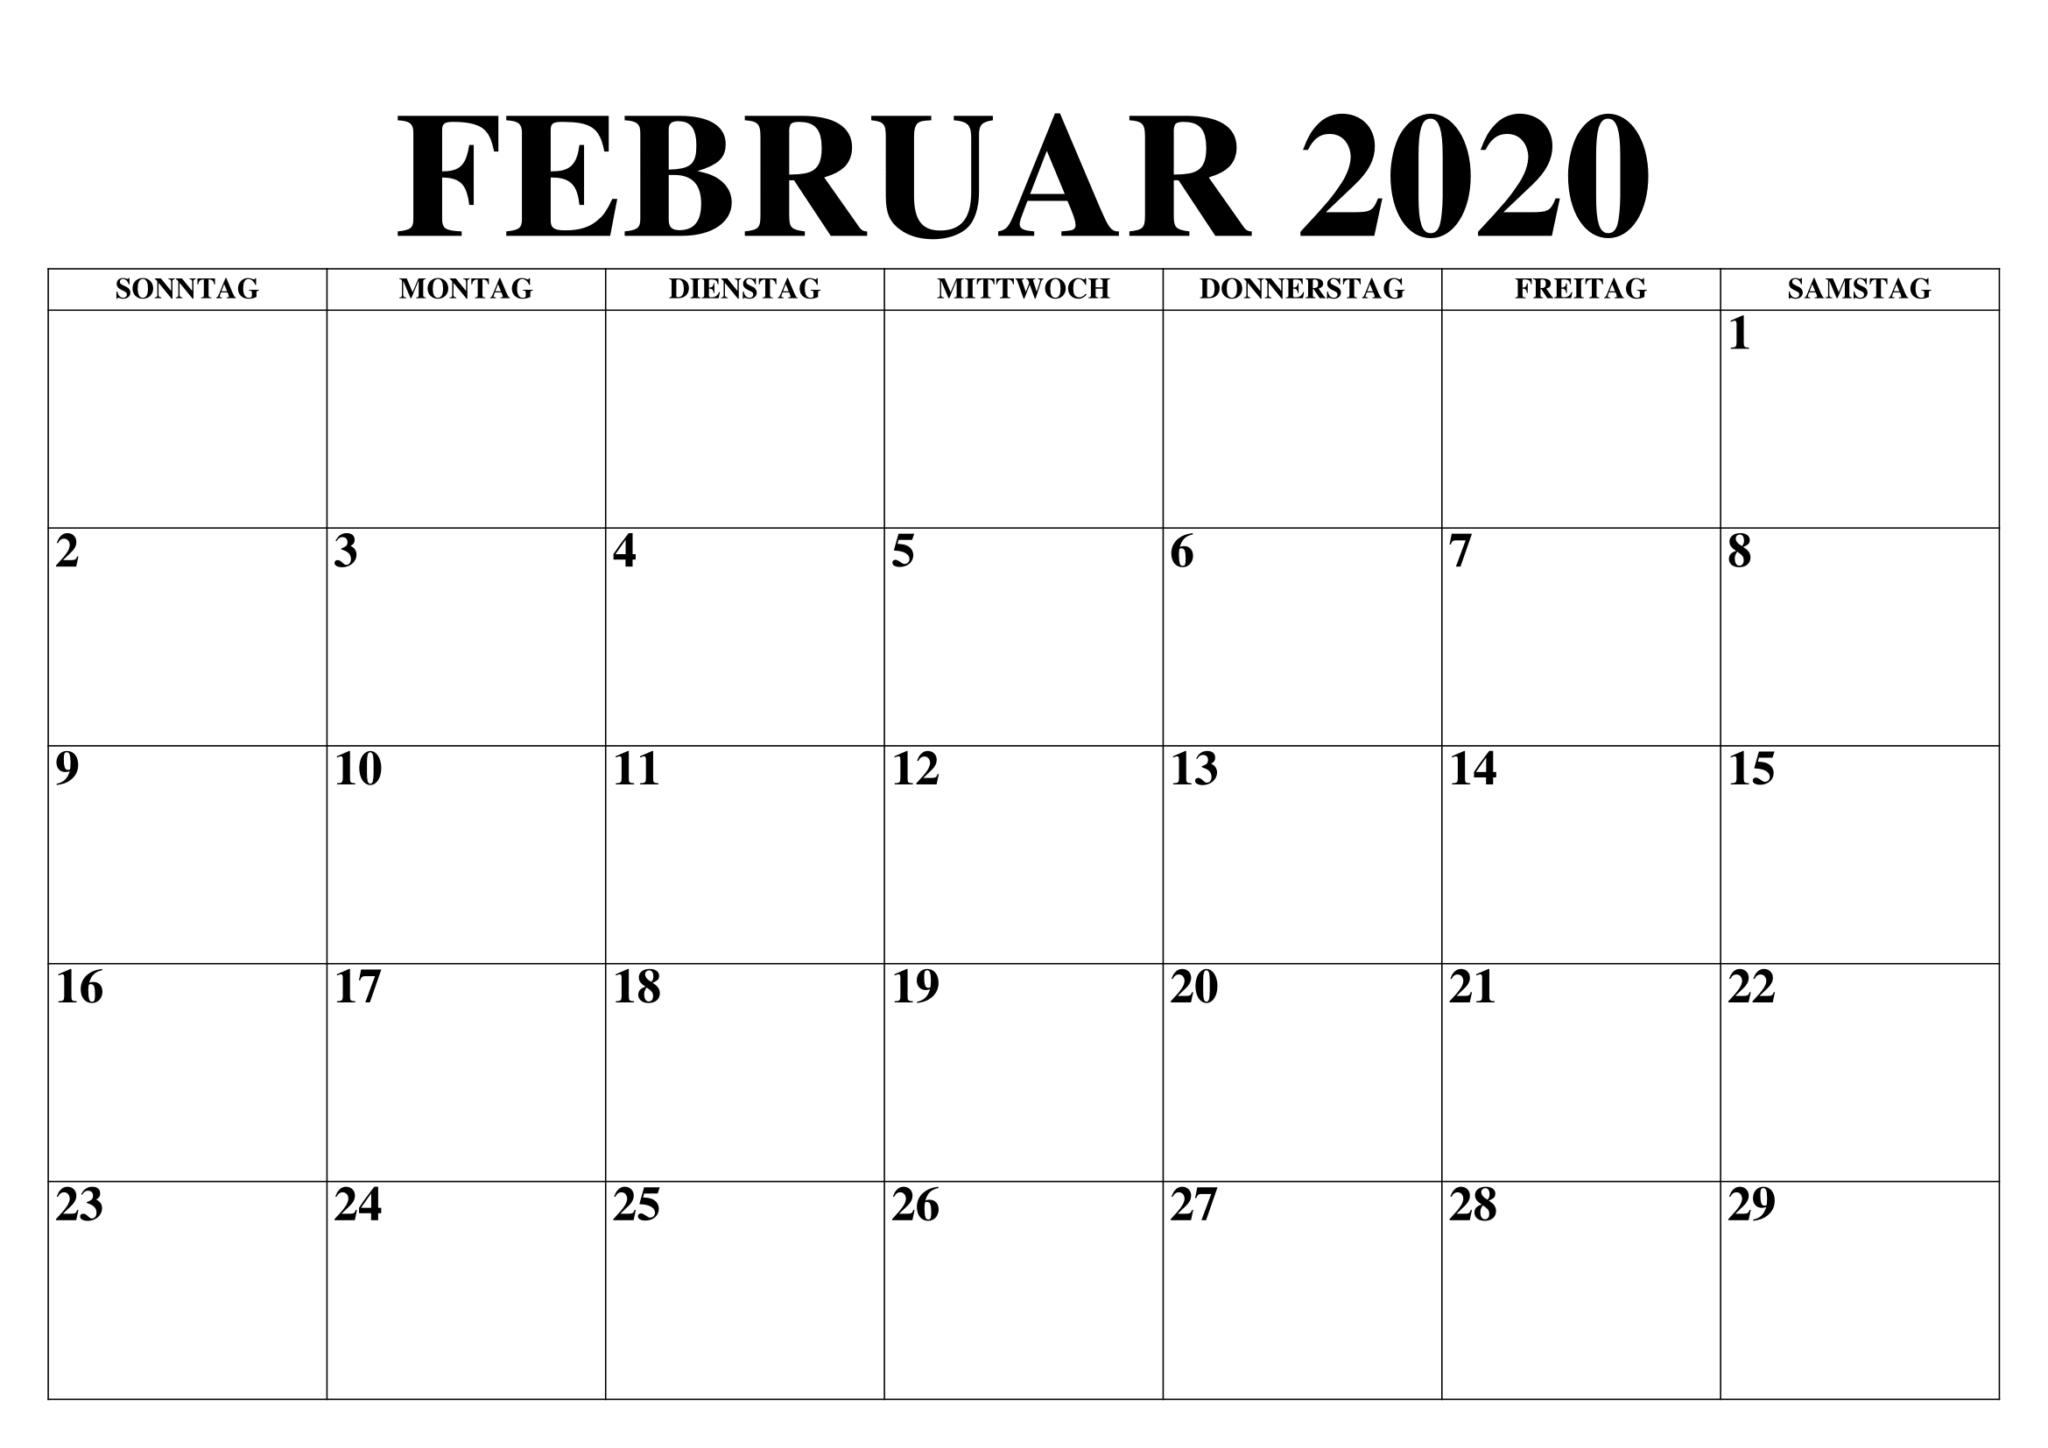 Februar 2020 Kalender Excel